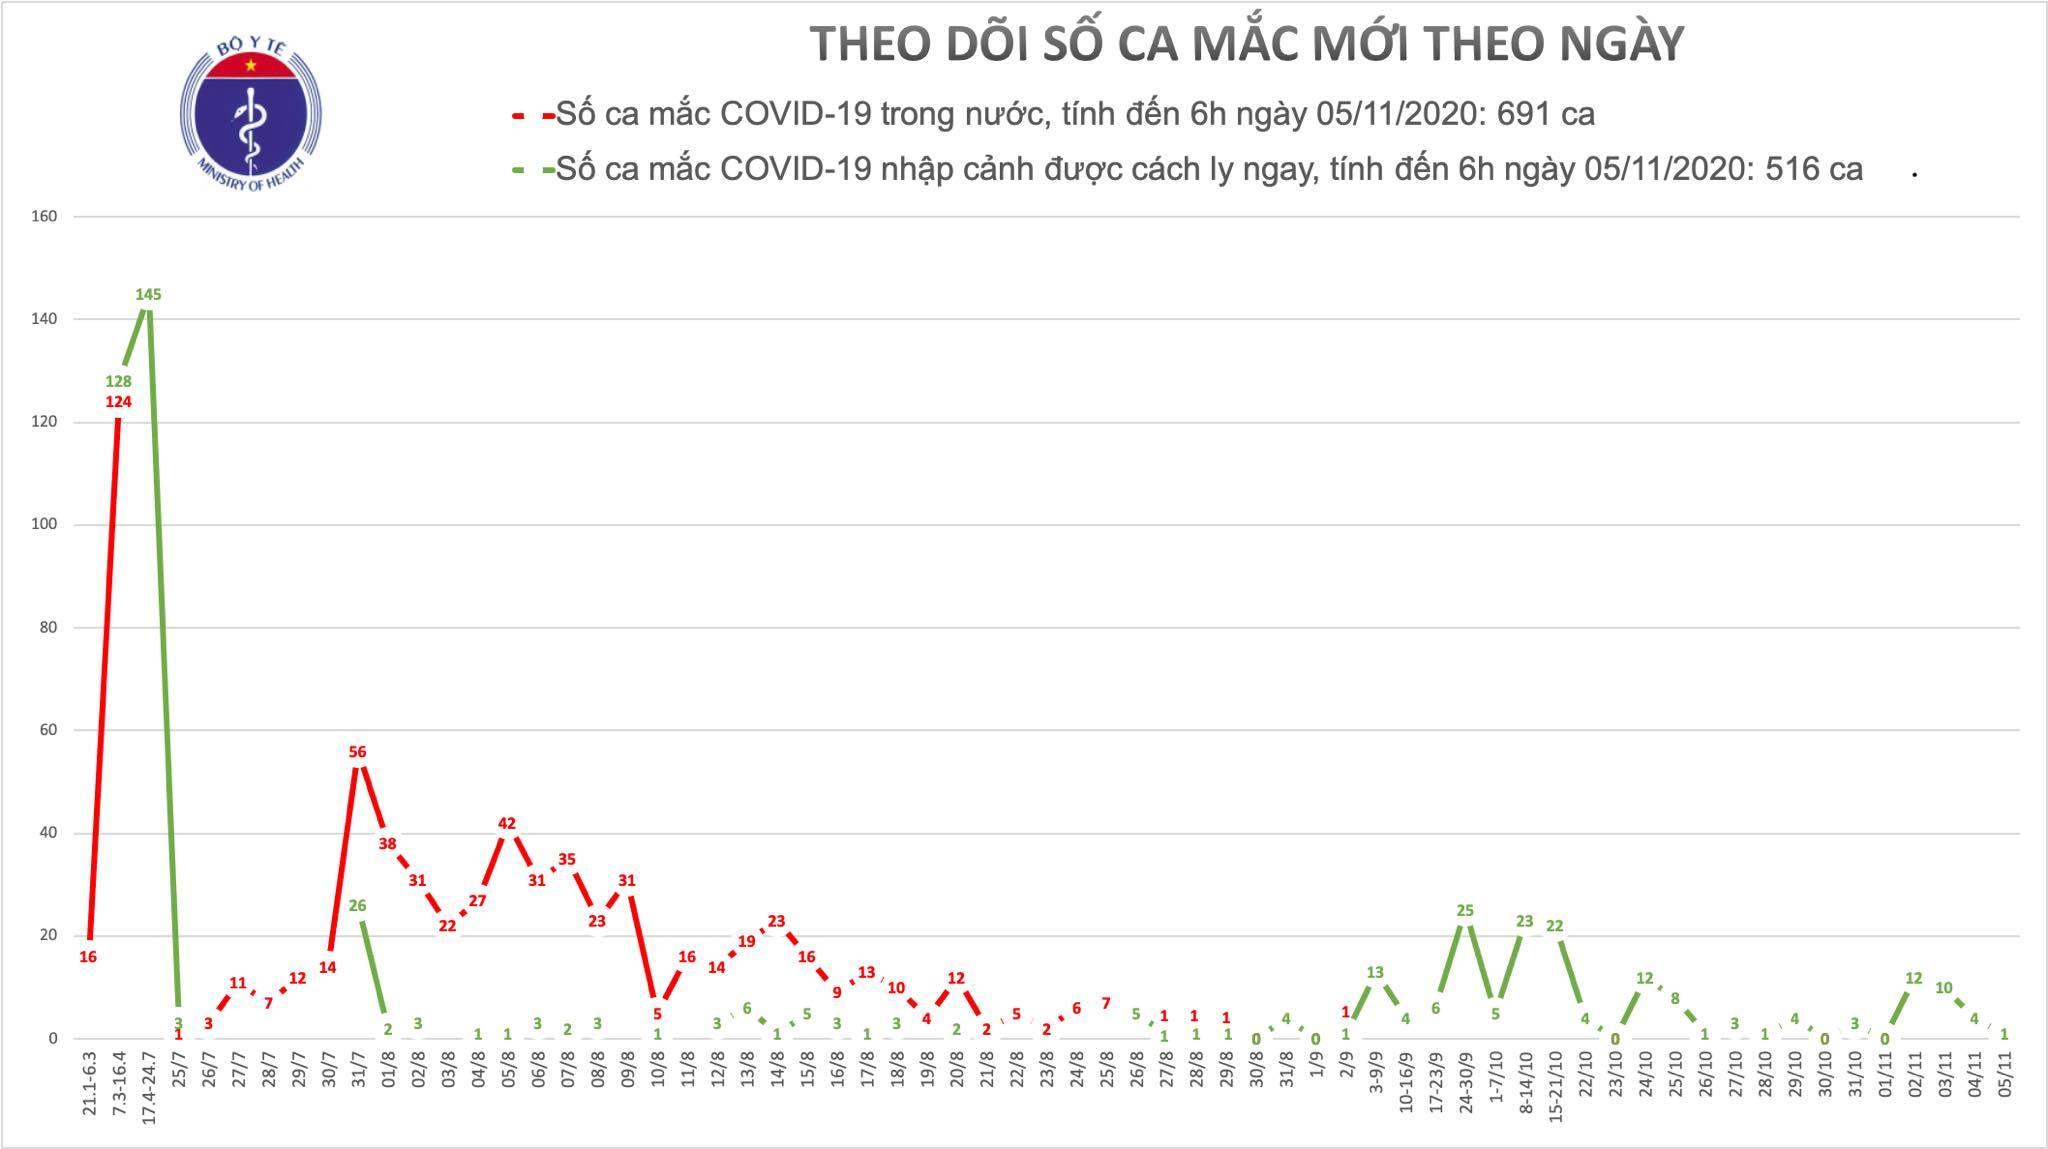 Thêm 1 người mắc Covid-19, Việt Nam đã có 1207 ca